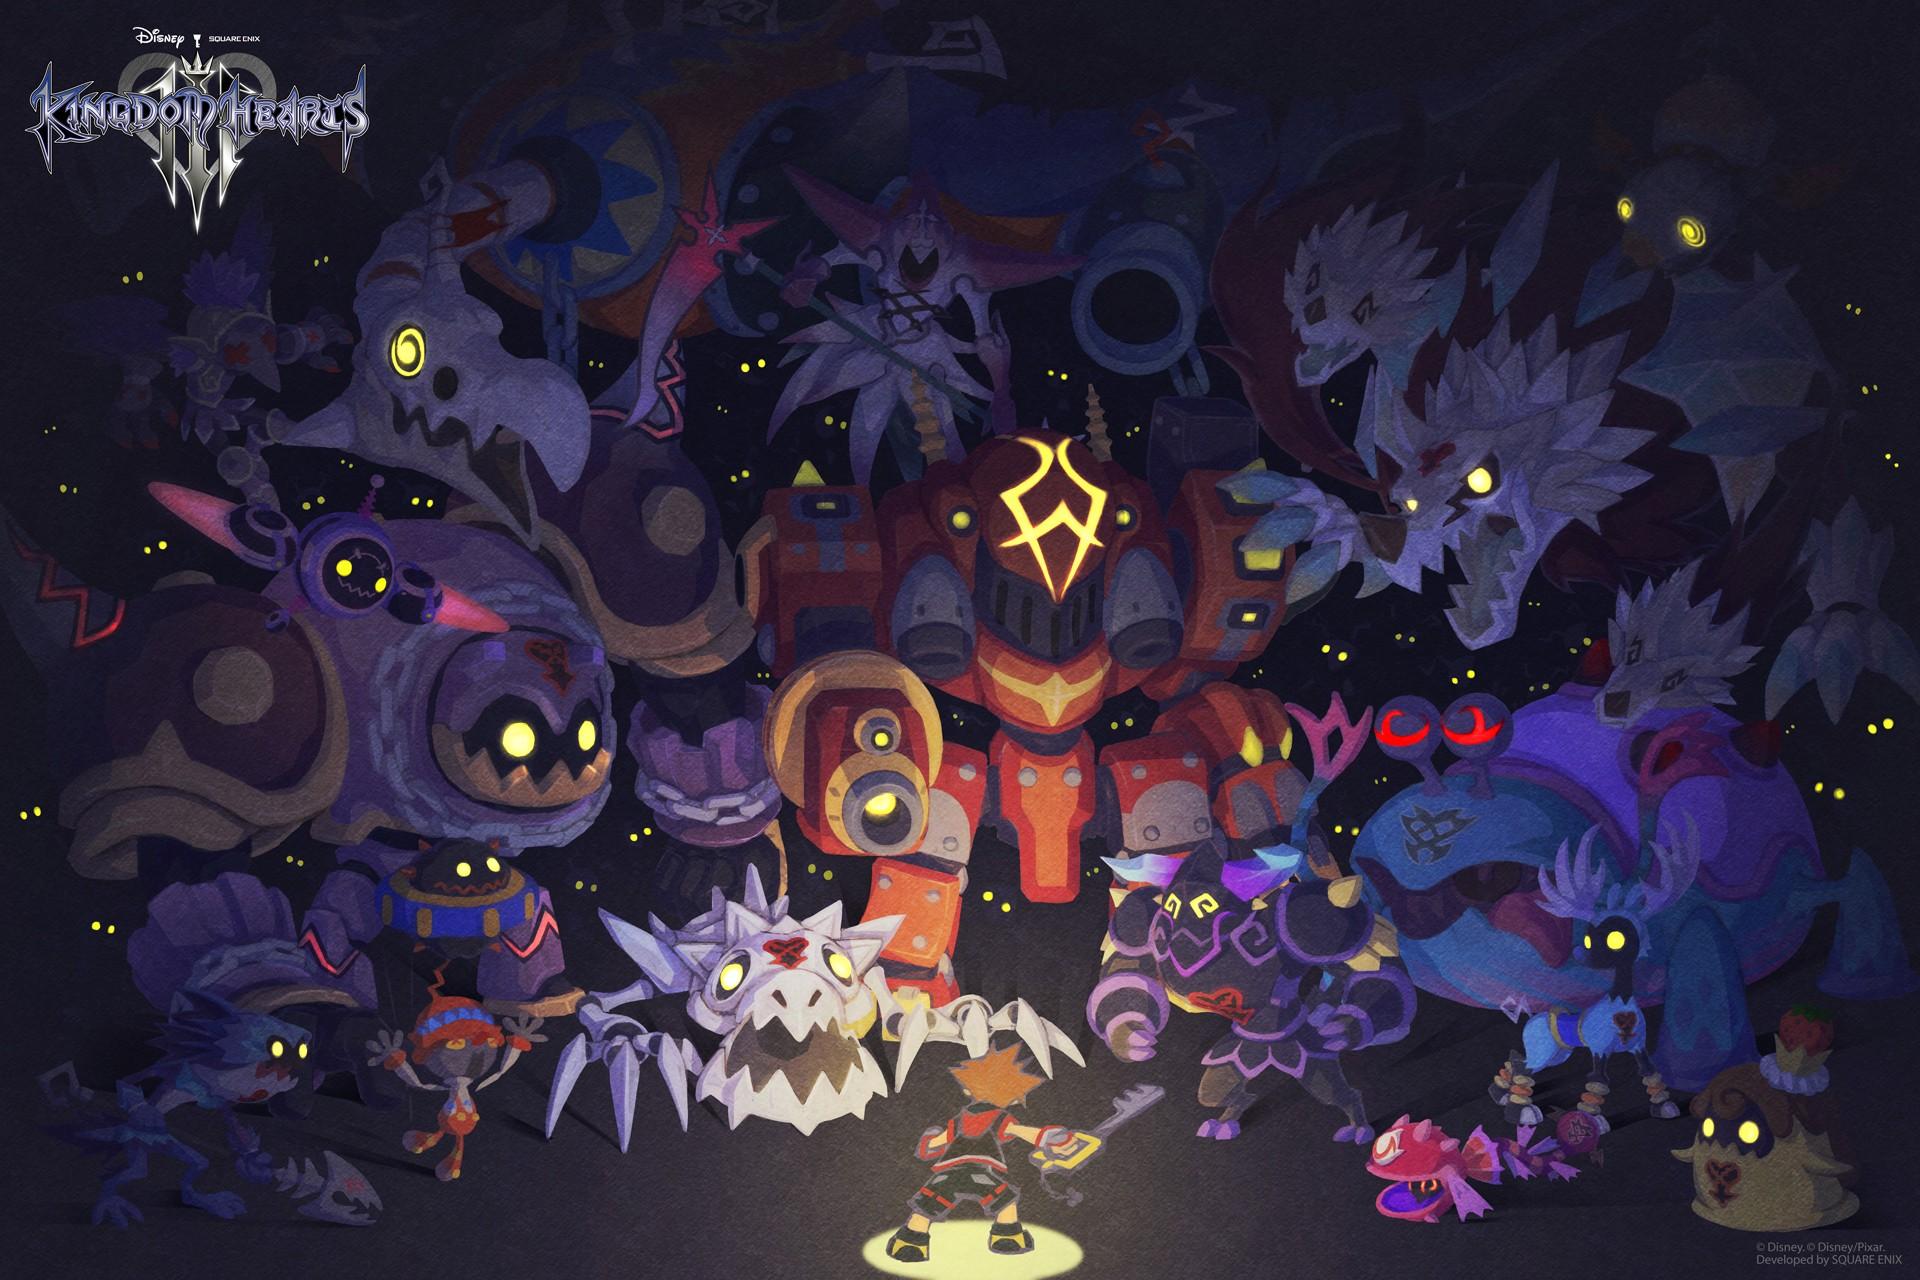 KINGDOM HEARTS III celebra Halloween